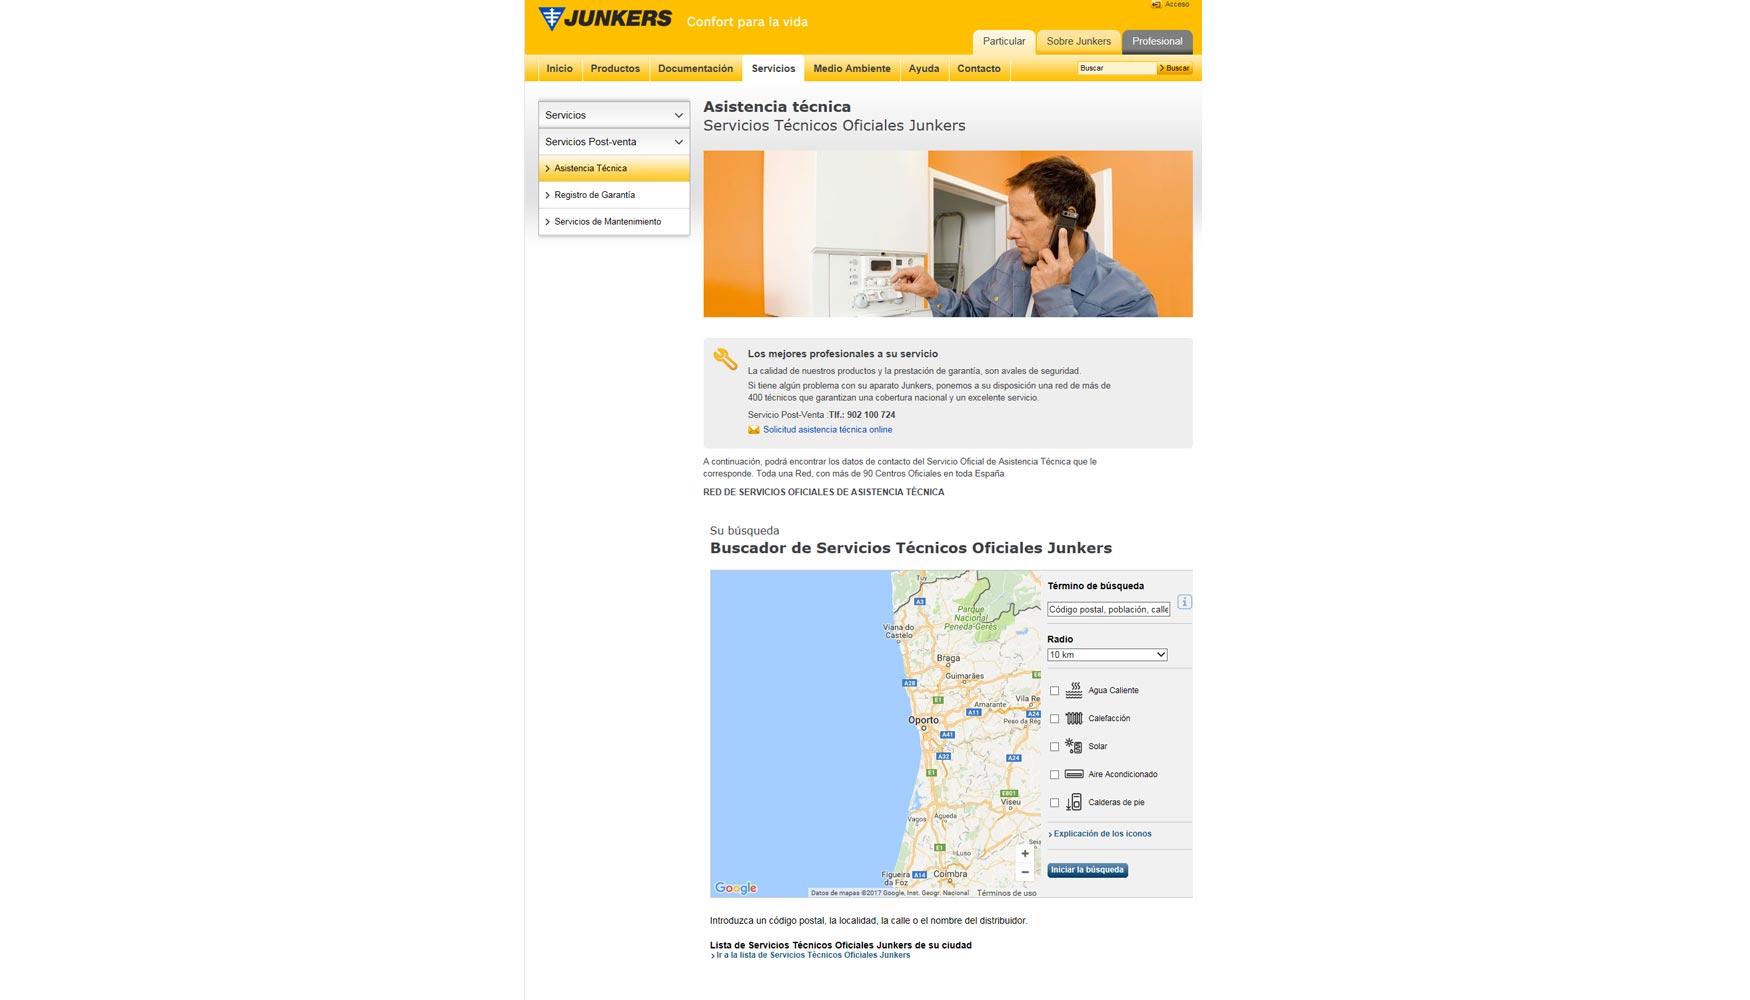 Geolocalizaci n para buscar el servicio t cnico oficial de for Servicio tecnico oficial junkers